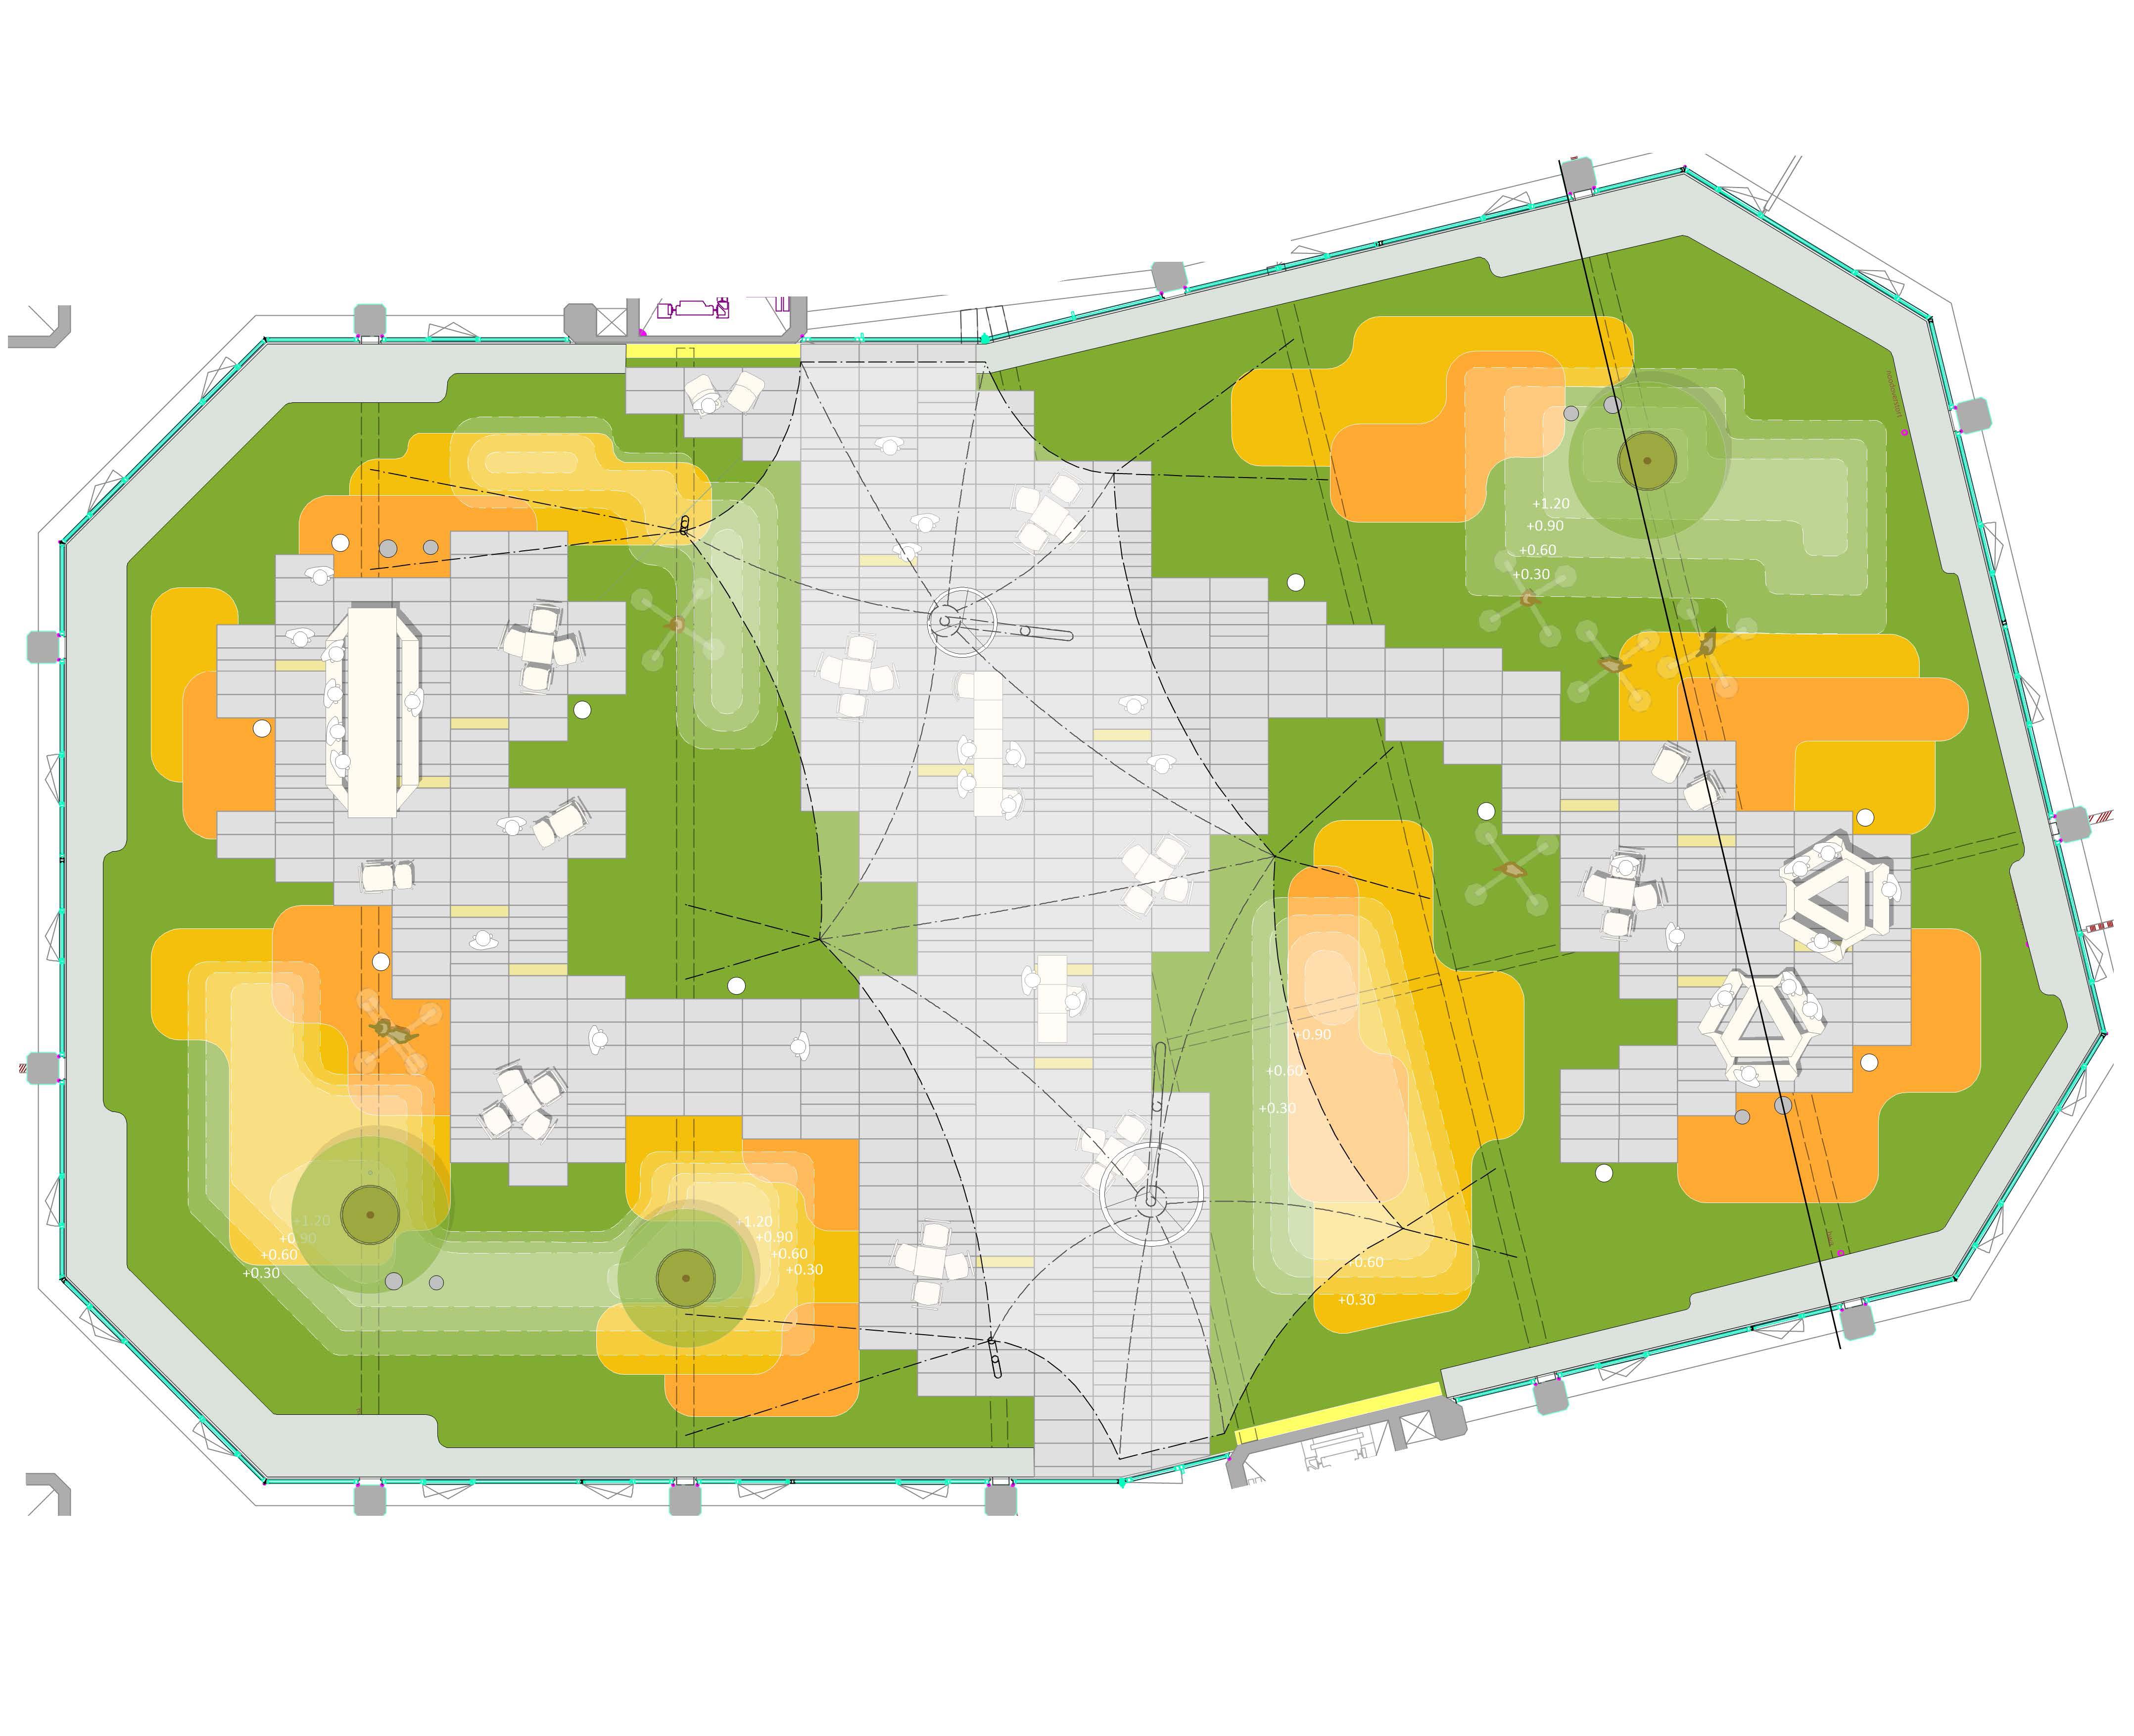 felixx-sijthoff-map.jpg